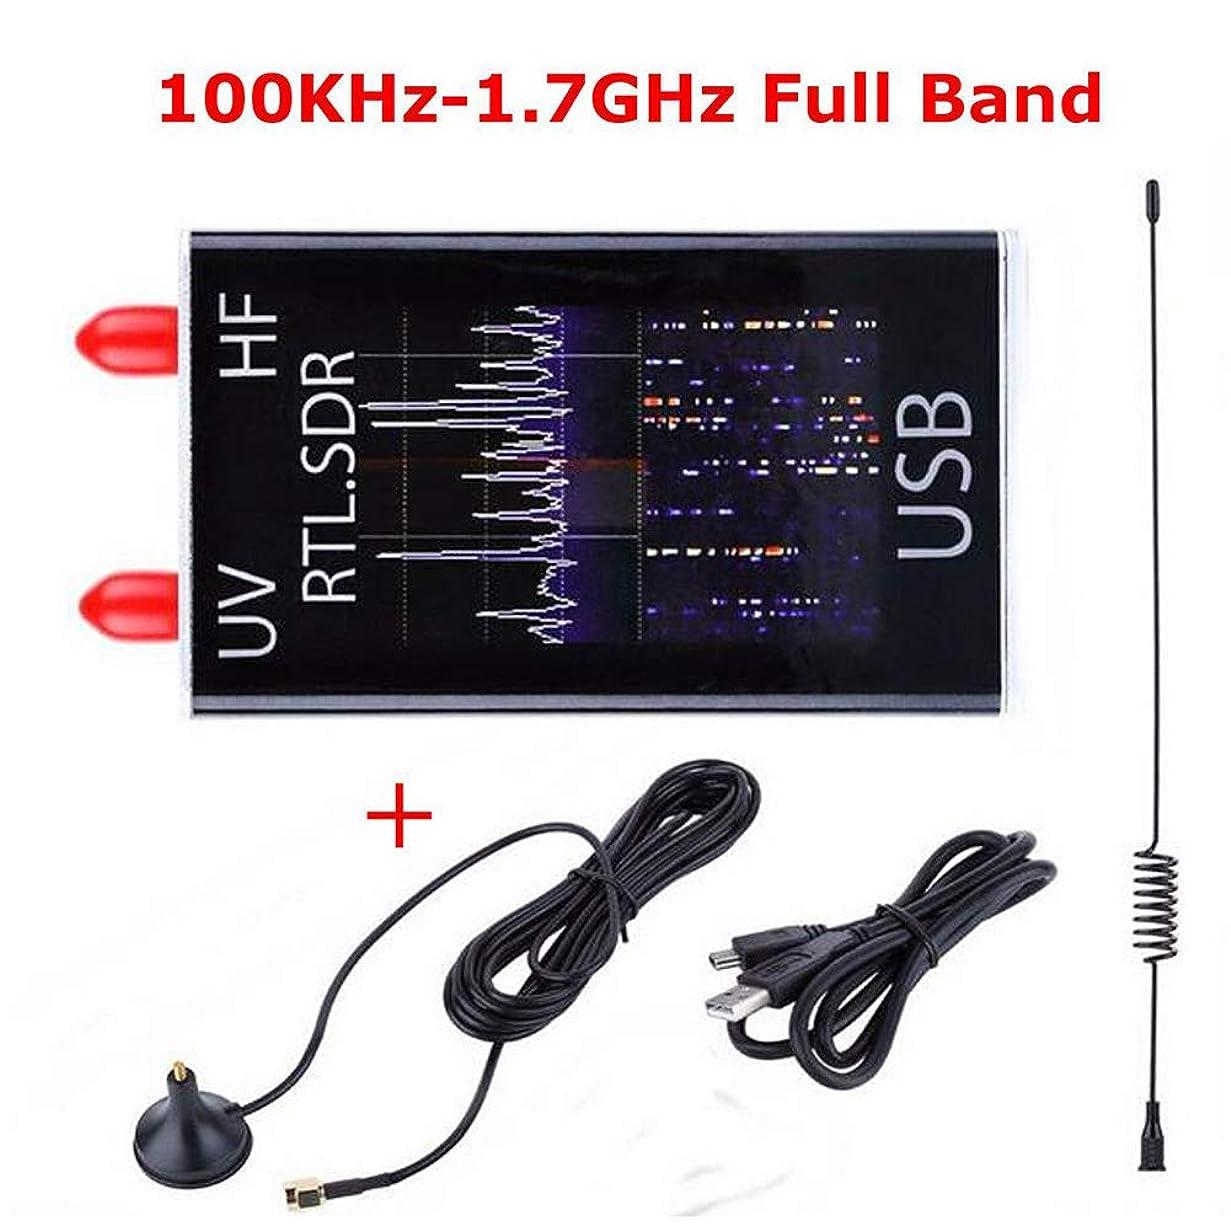 アイザックばかげたメーターACHICOO 100KHz?1.7GHzフルバンドUV HF RTL-SDR USBチューナーレシーバ/ R820T + 8232ハムラジオ